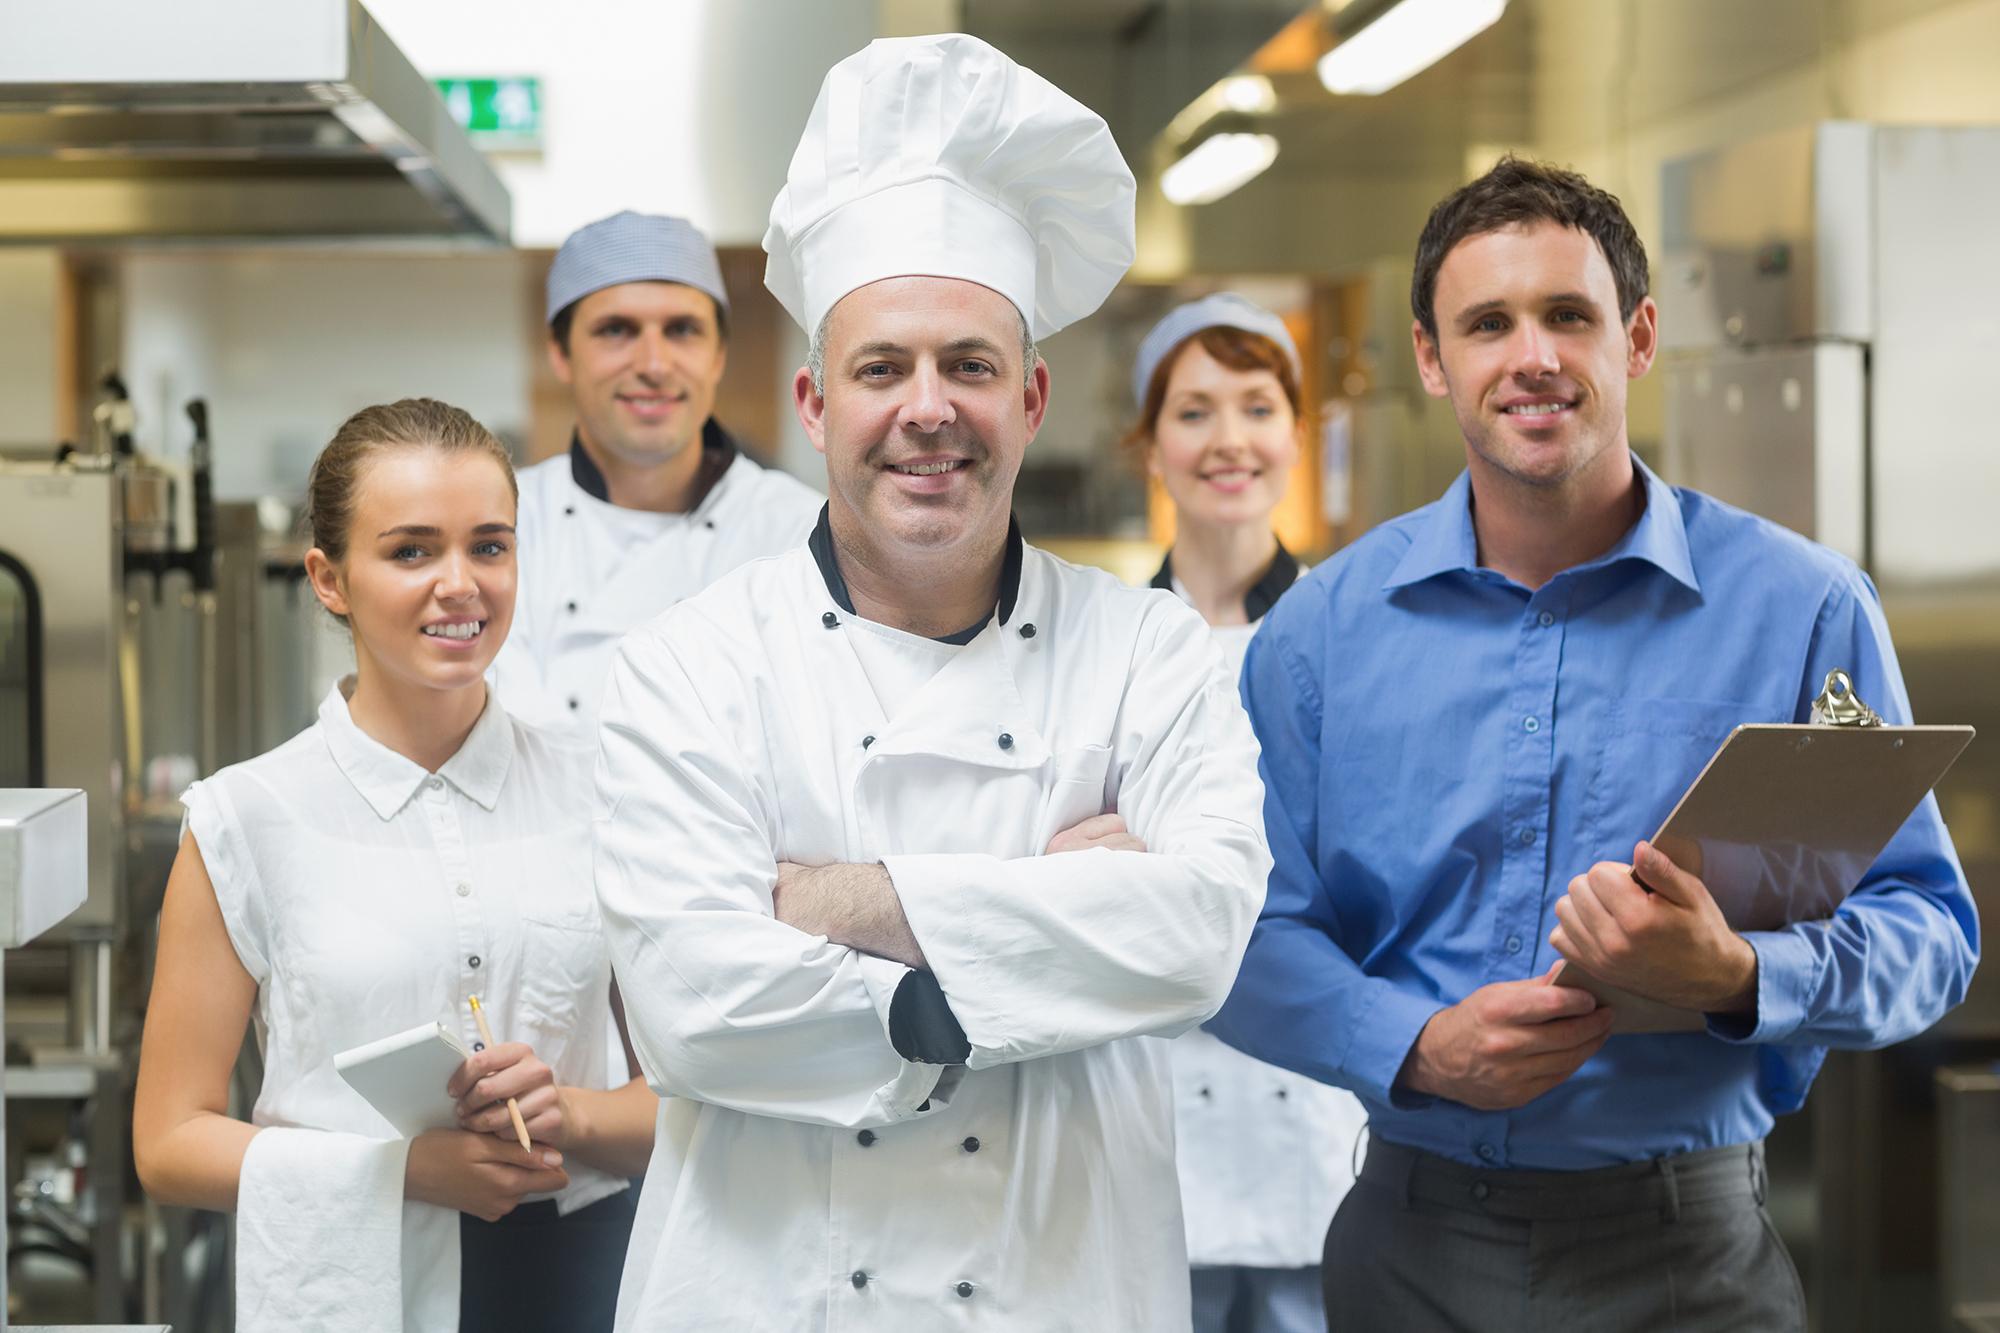 Facilities Management Australia